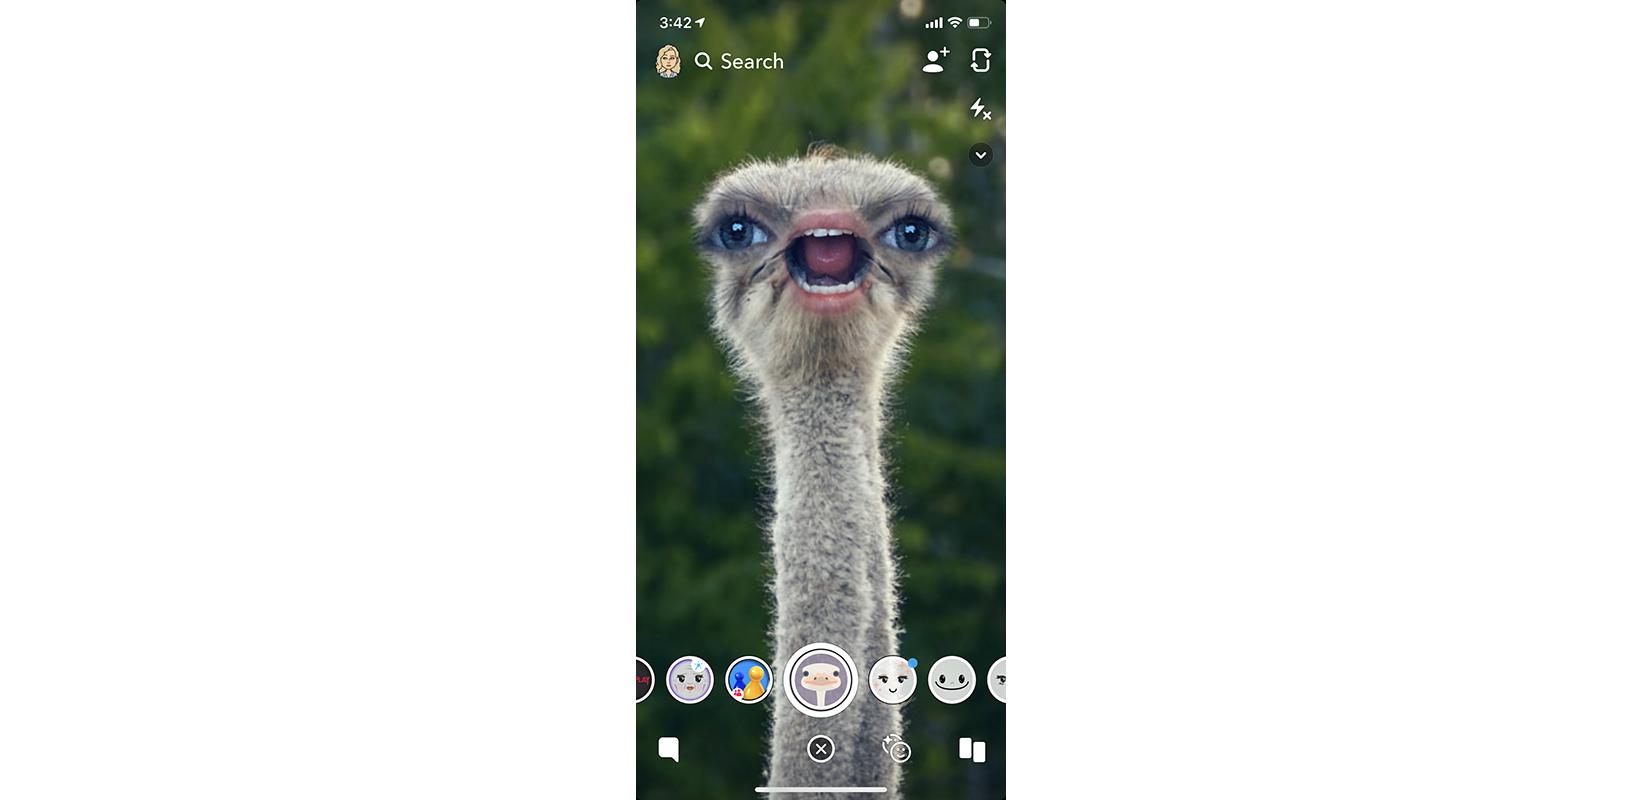 SnapchatFilter2